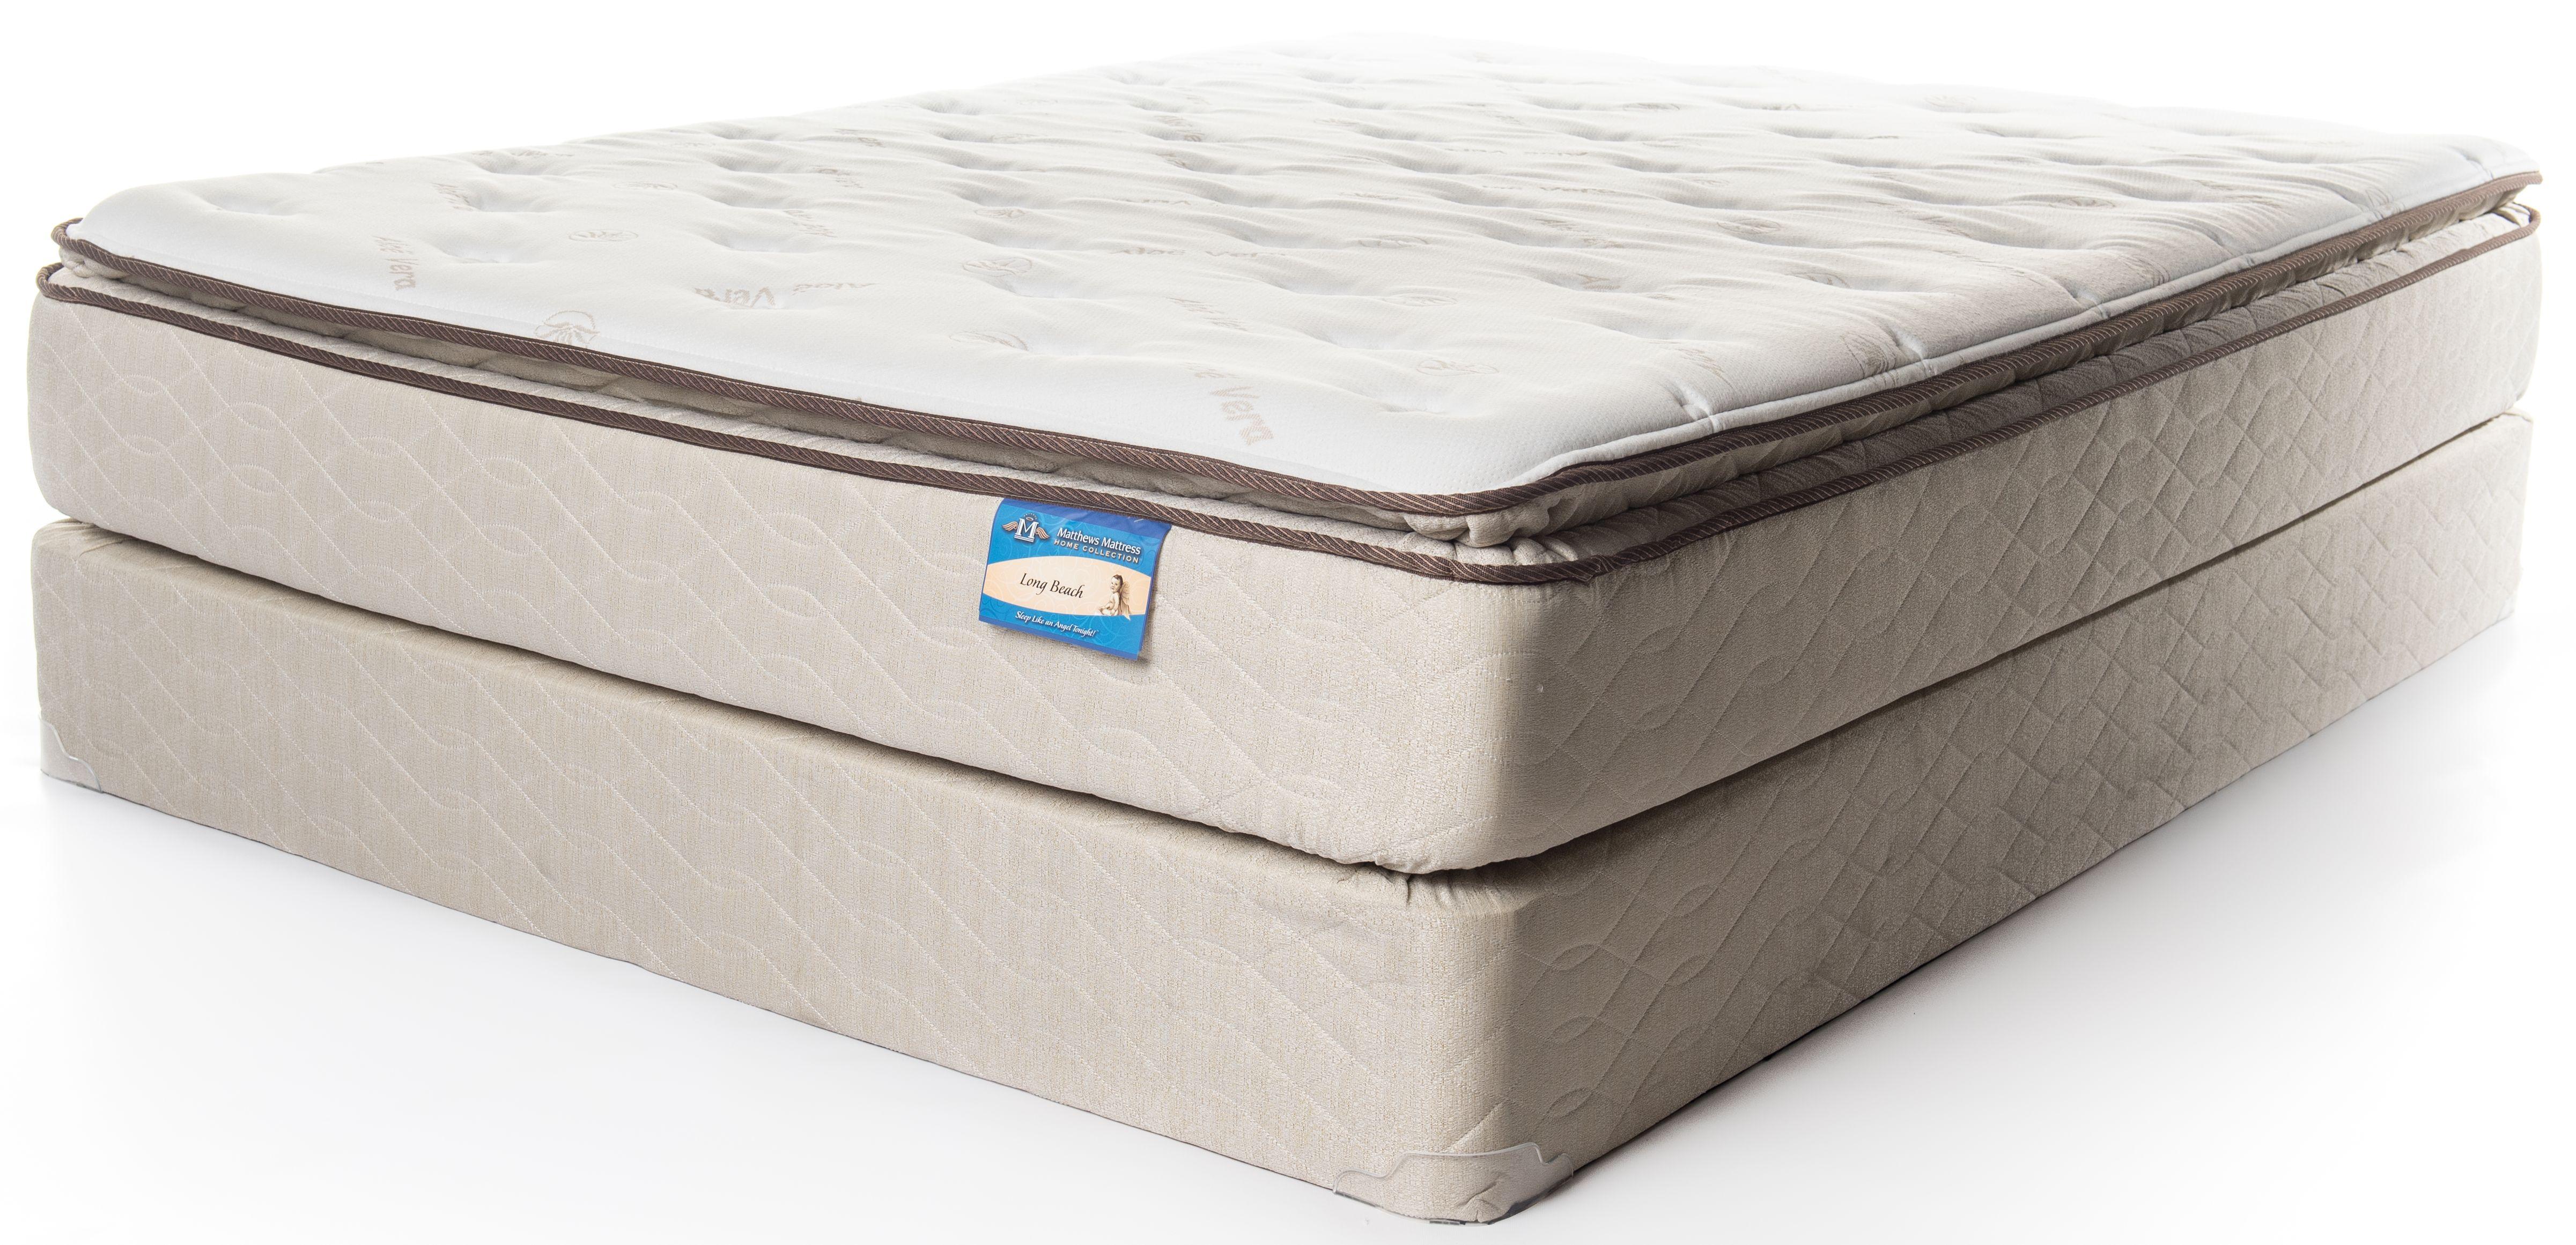 Matthews Mattress Home Collection Long Beach Pillow Top Queen Longbeach Pt